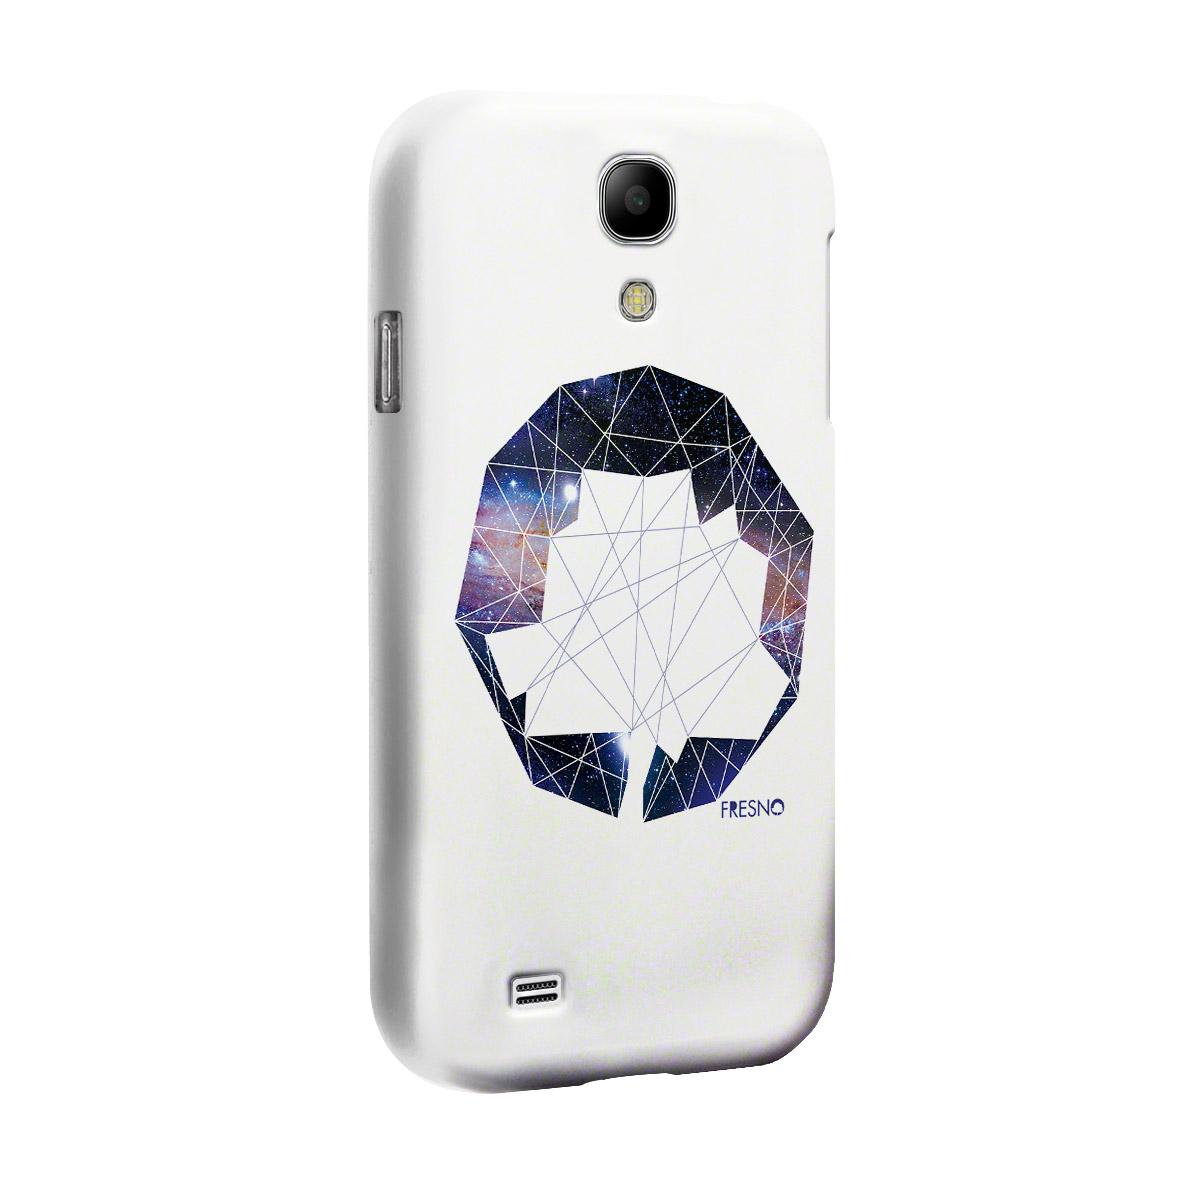 Capa de Celular Samsung Galaxy S4 Fresno Logo Gal�xias